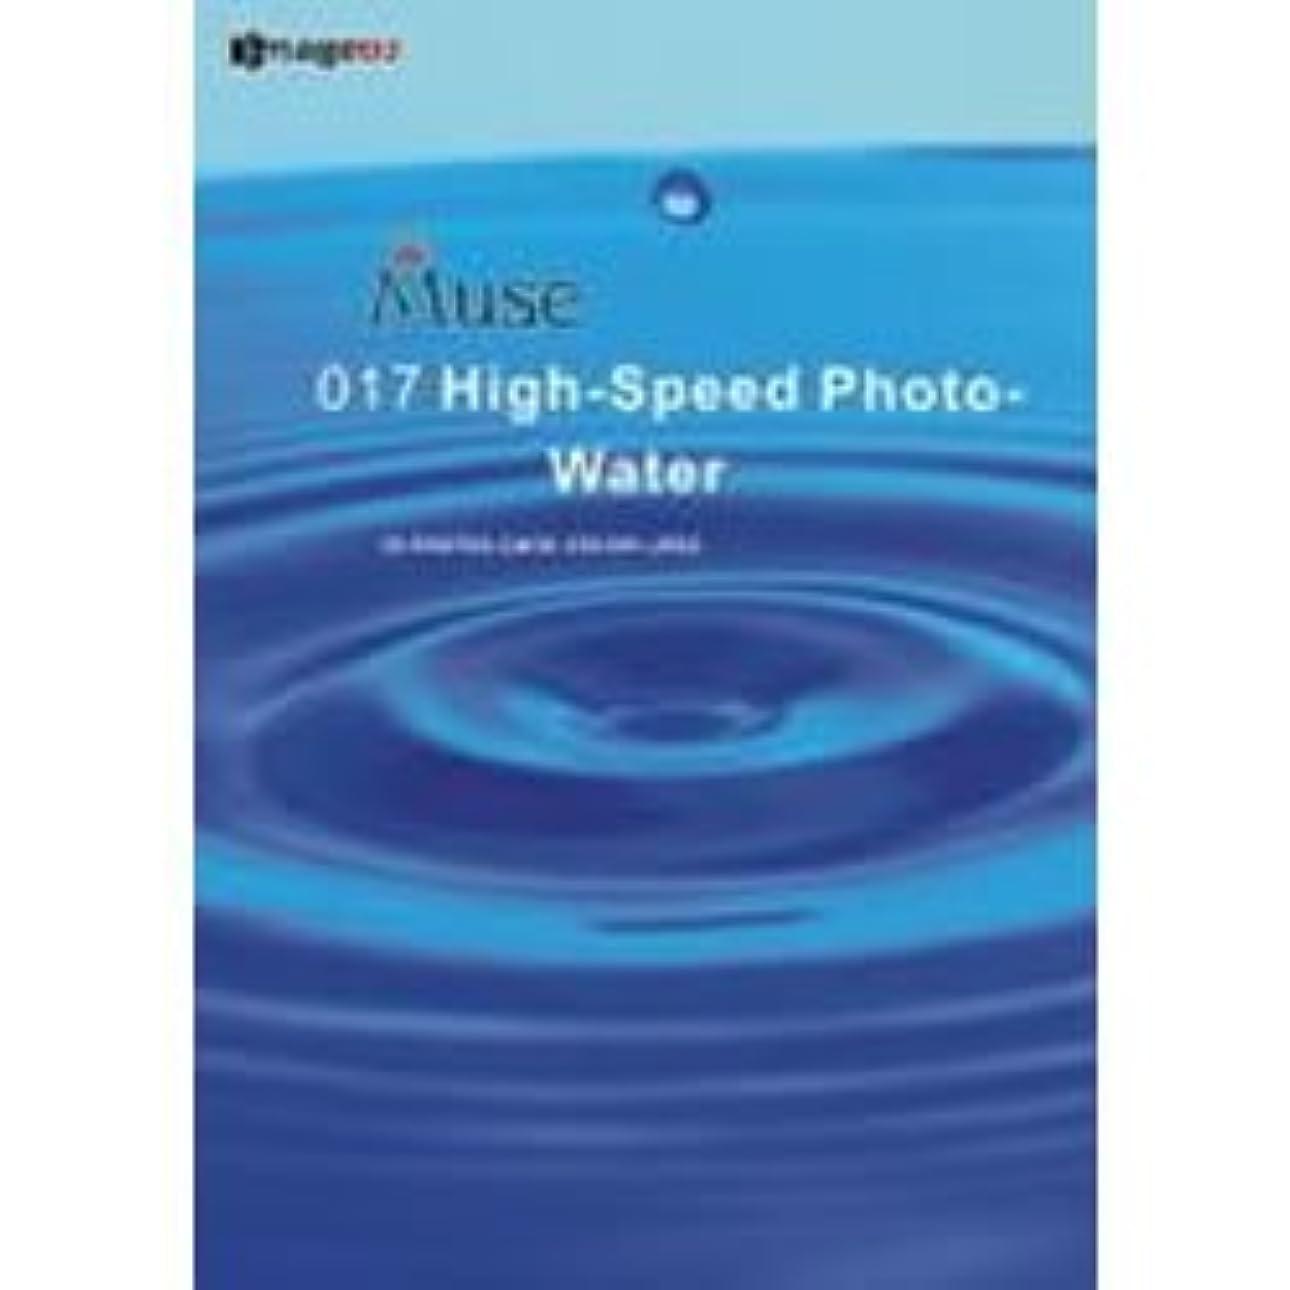 おもしろい男らしさ表面的なミューズ Vol.17 瞬間写真 水